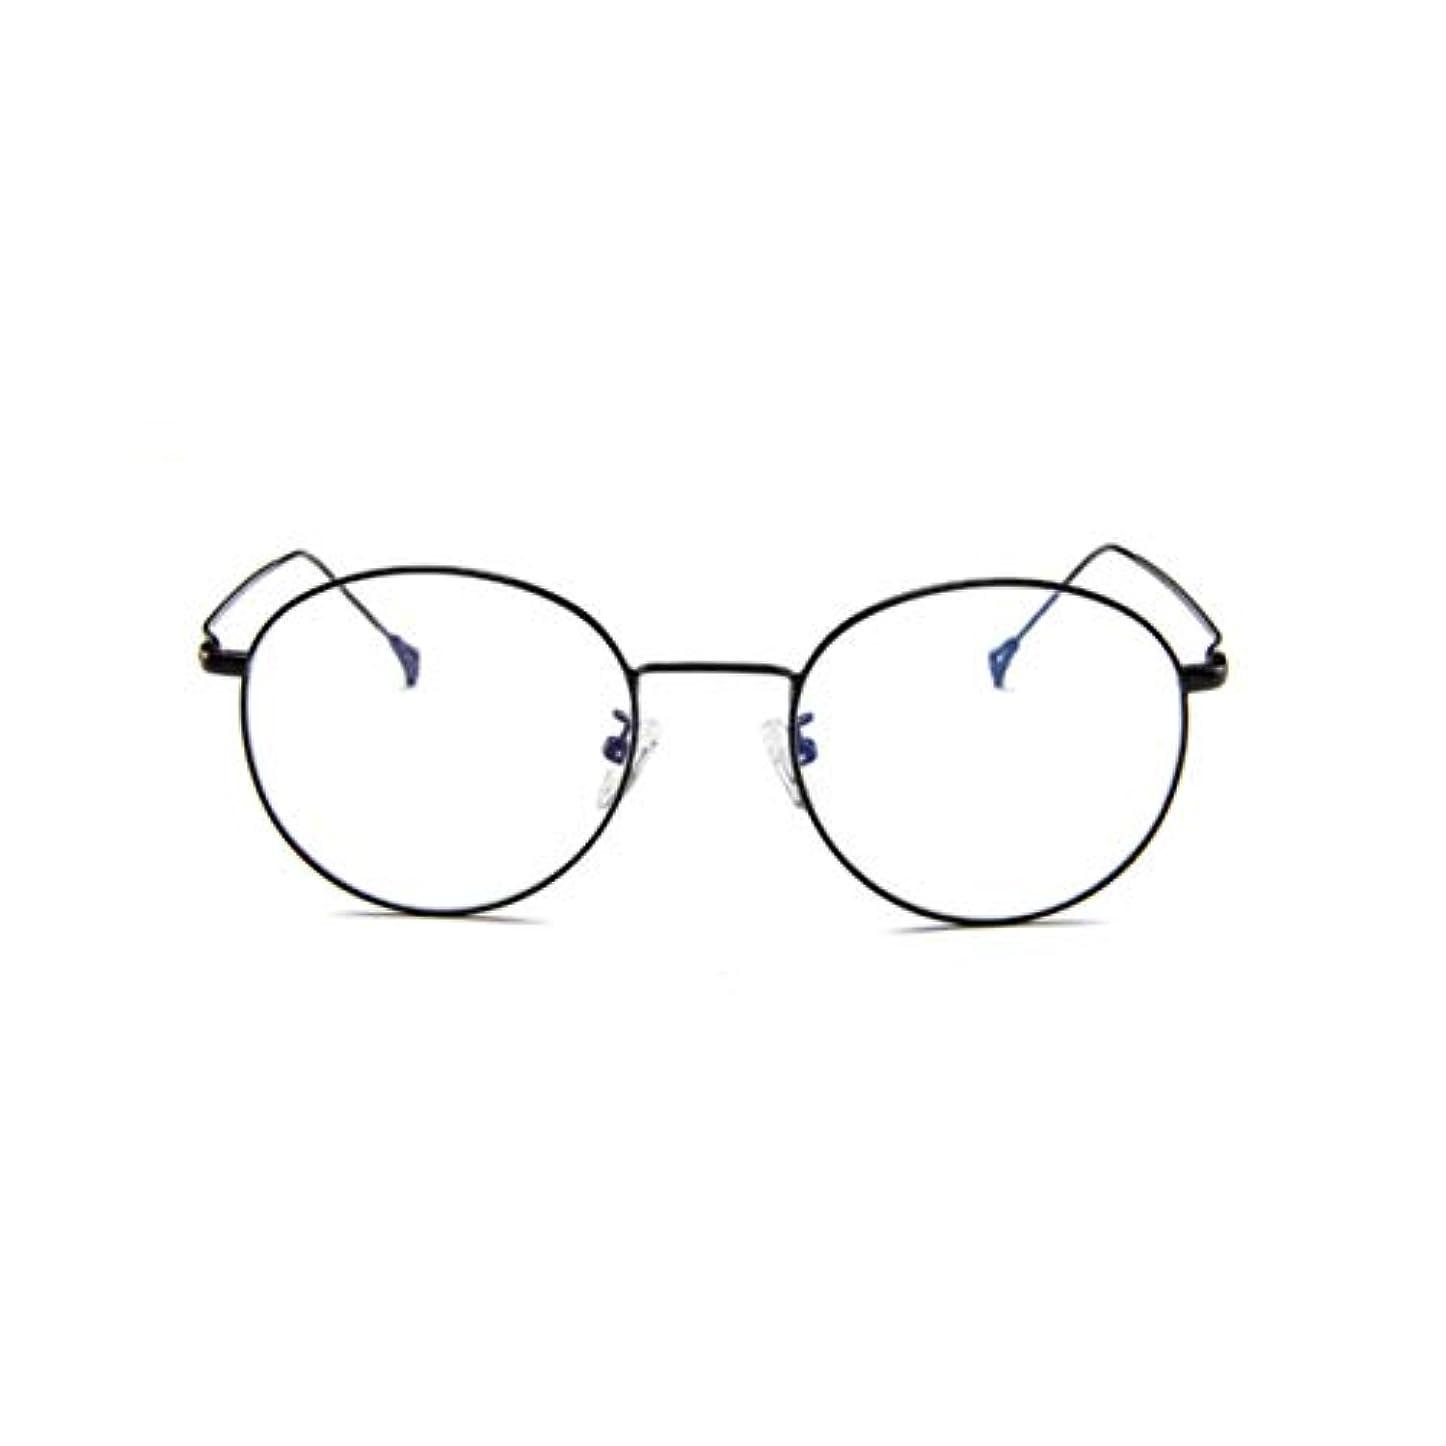 観光自分大西洋韓国のメガネフレームの男性と女性のレトロフラットメガネメタルトレンディメガネファッション近視メガネフレーム-ブラック